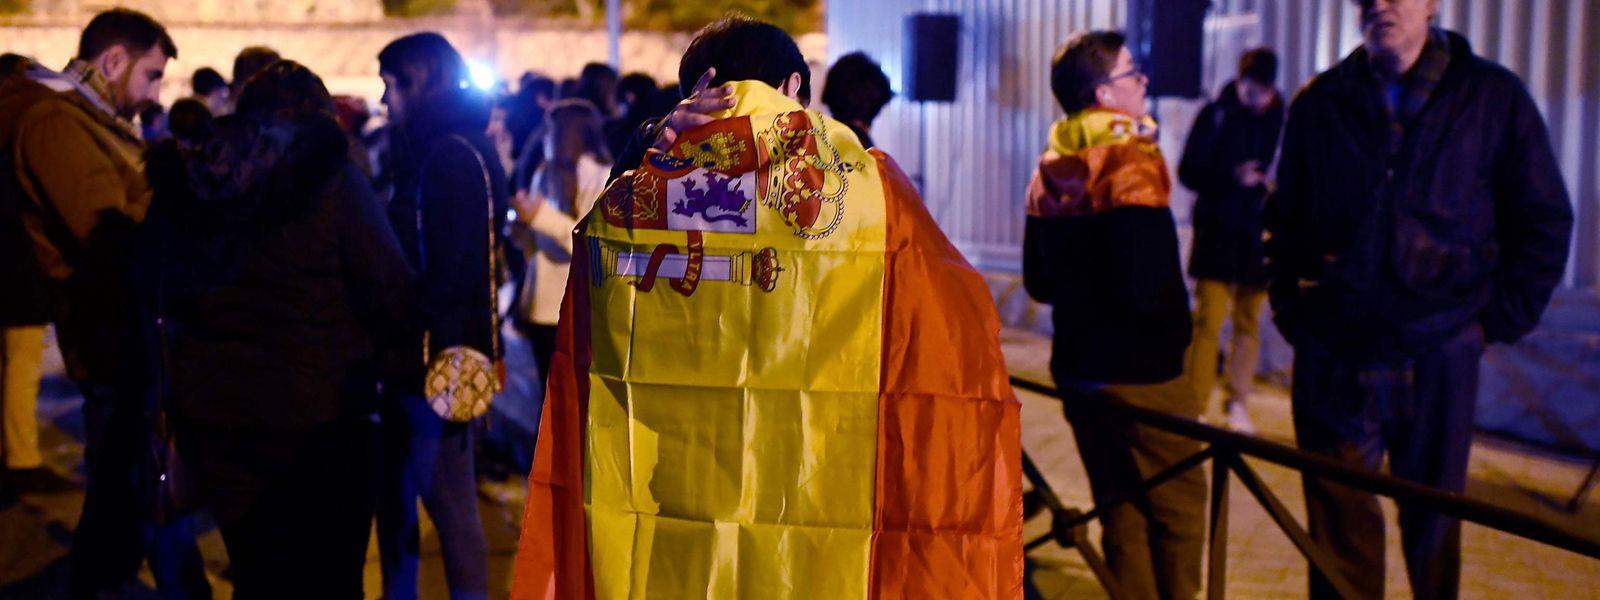 La confusion politique règne toujours en Espagne, au lendemain d'élections sans majorité claire.